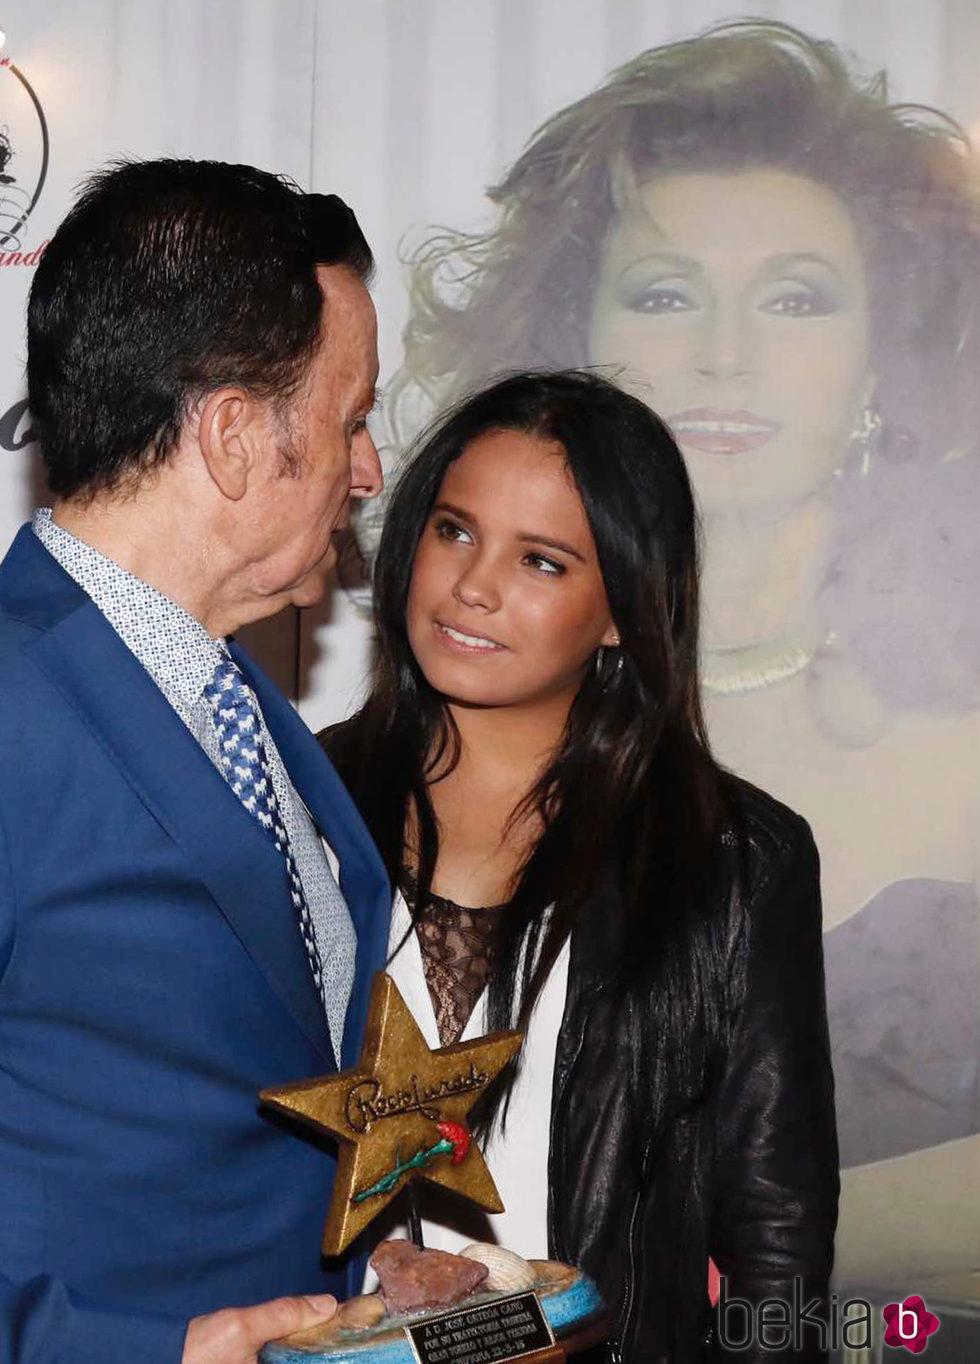 José Ortega Cano y su hija Gloria Camila en los premios 'Estrella a la más grande' en Chipiona 2016